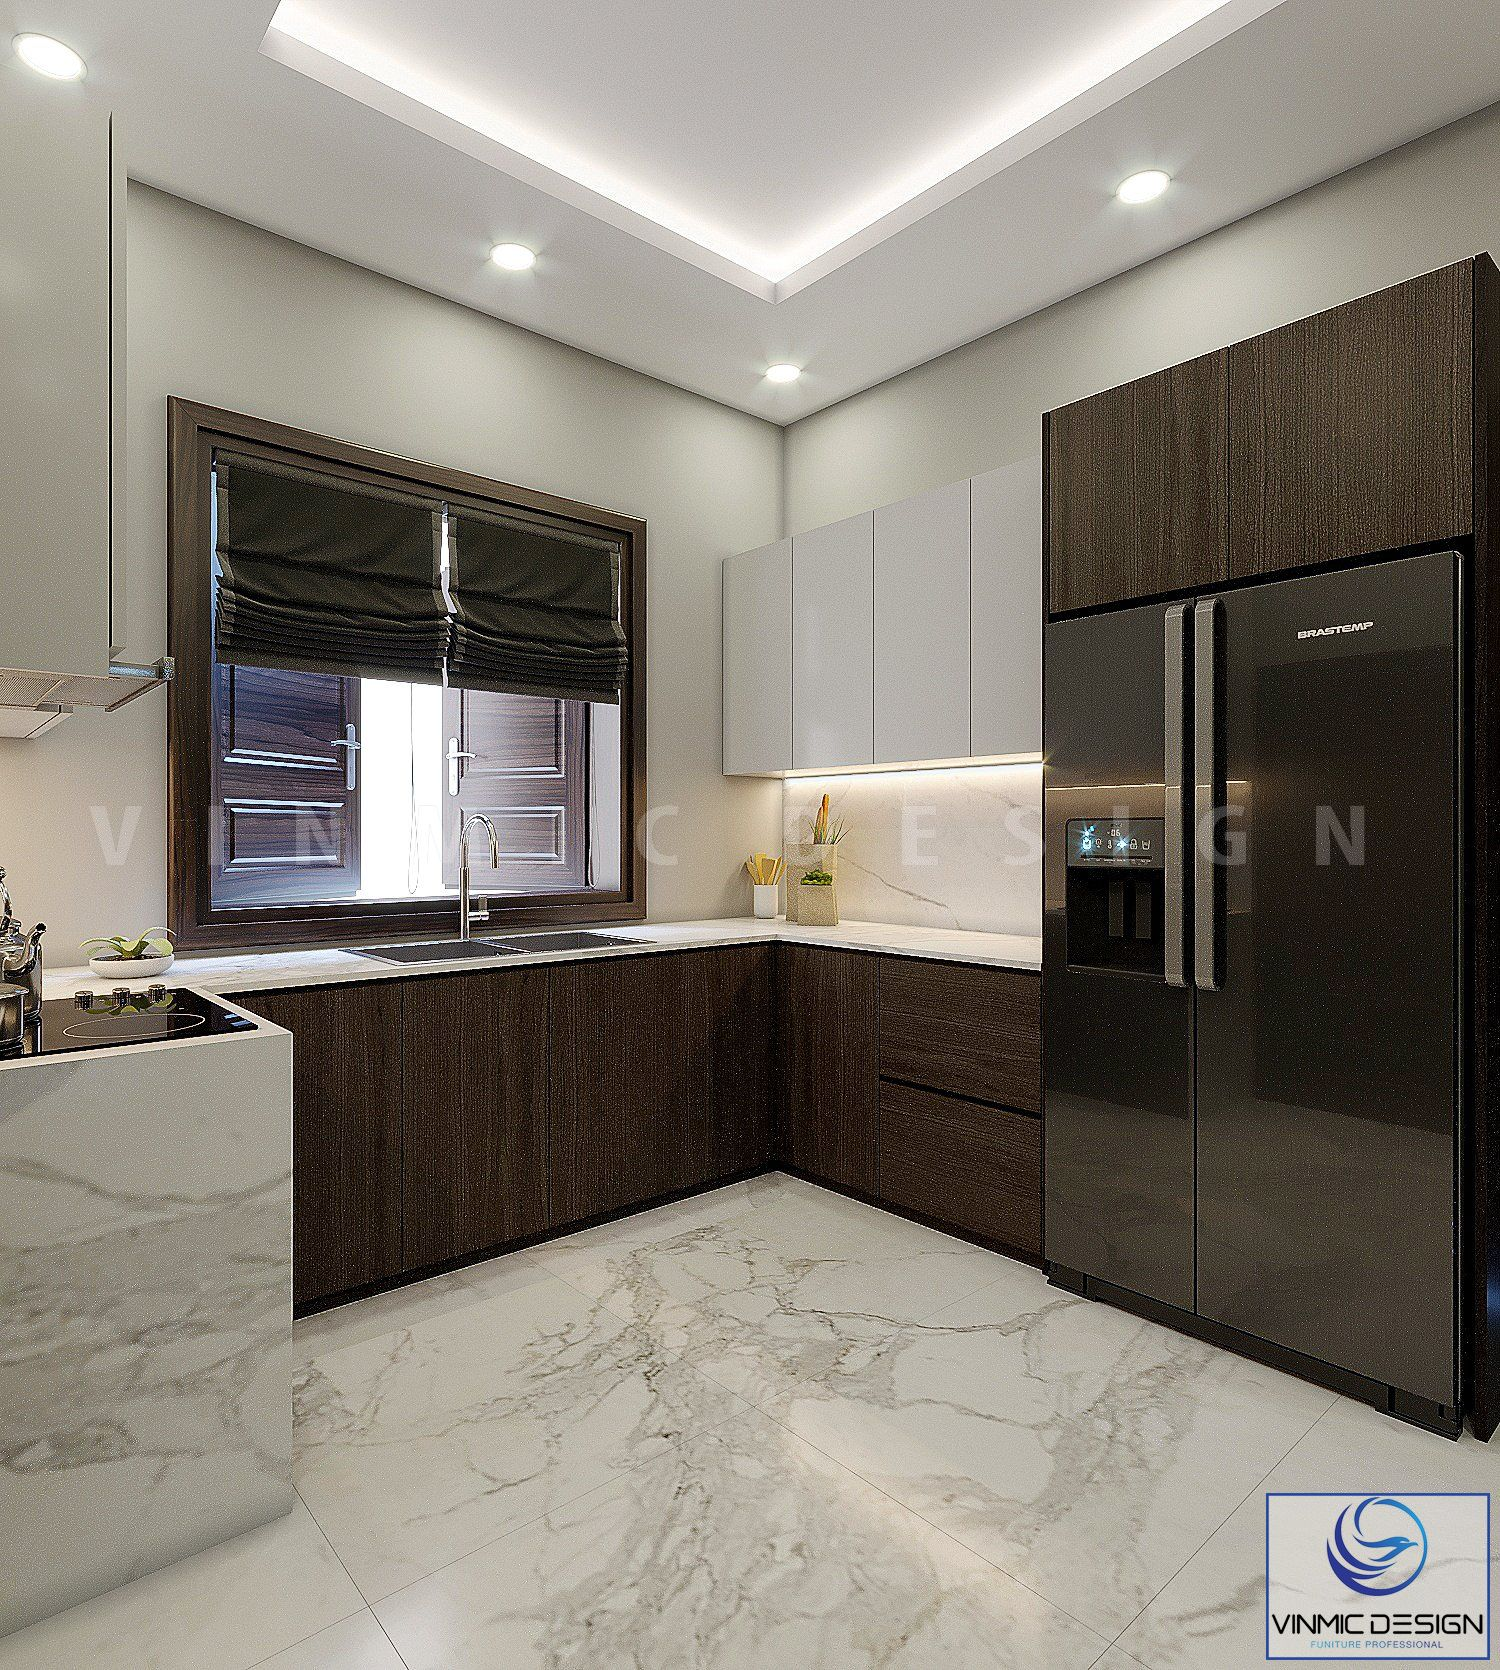 Tủ bếp được thiết kế đơn giản và tiện lợi nhất